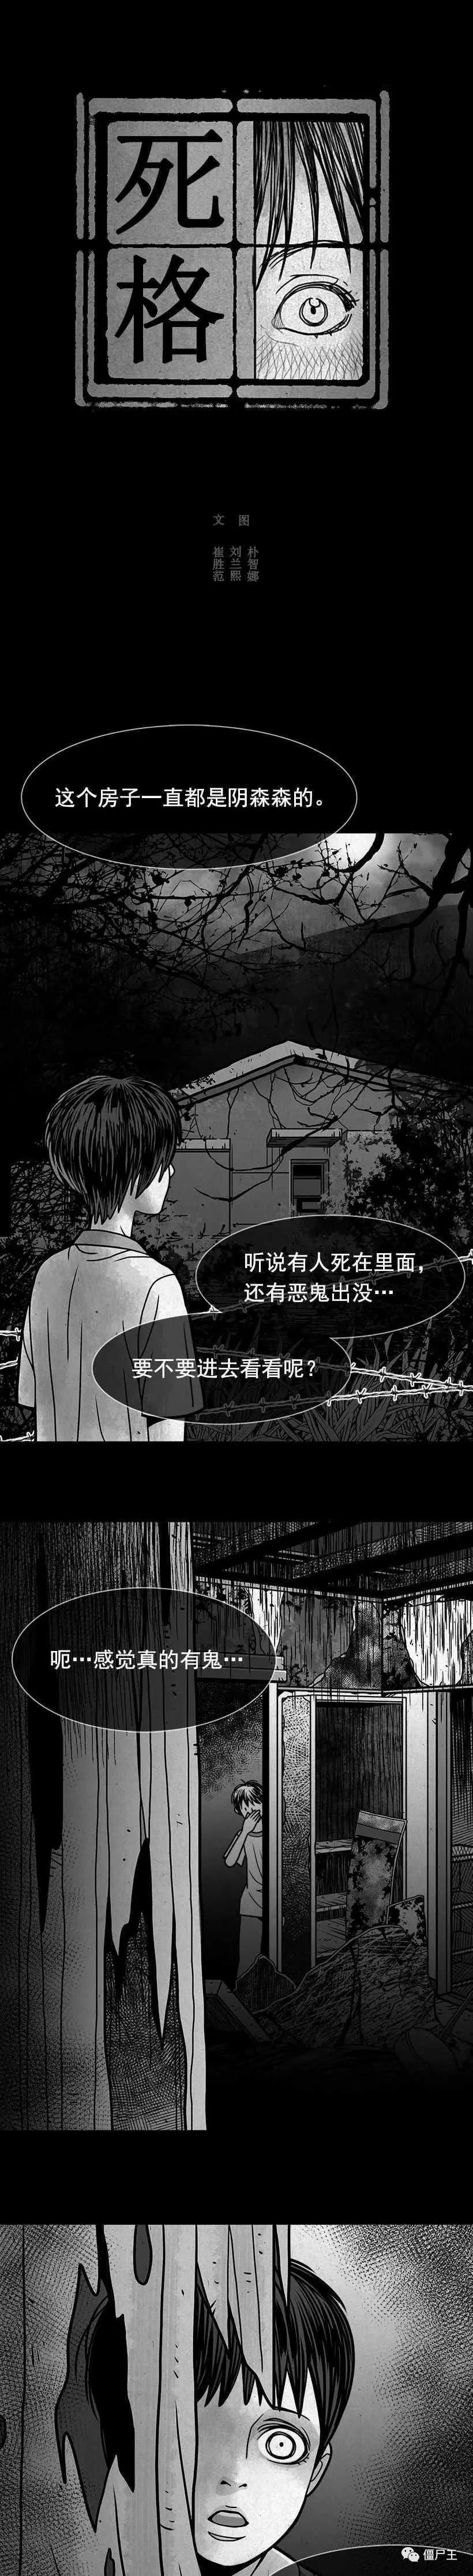 僵尸王漫画:死格之《鬼屋》恶鬼出没